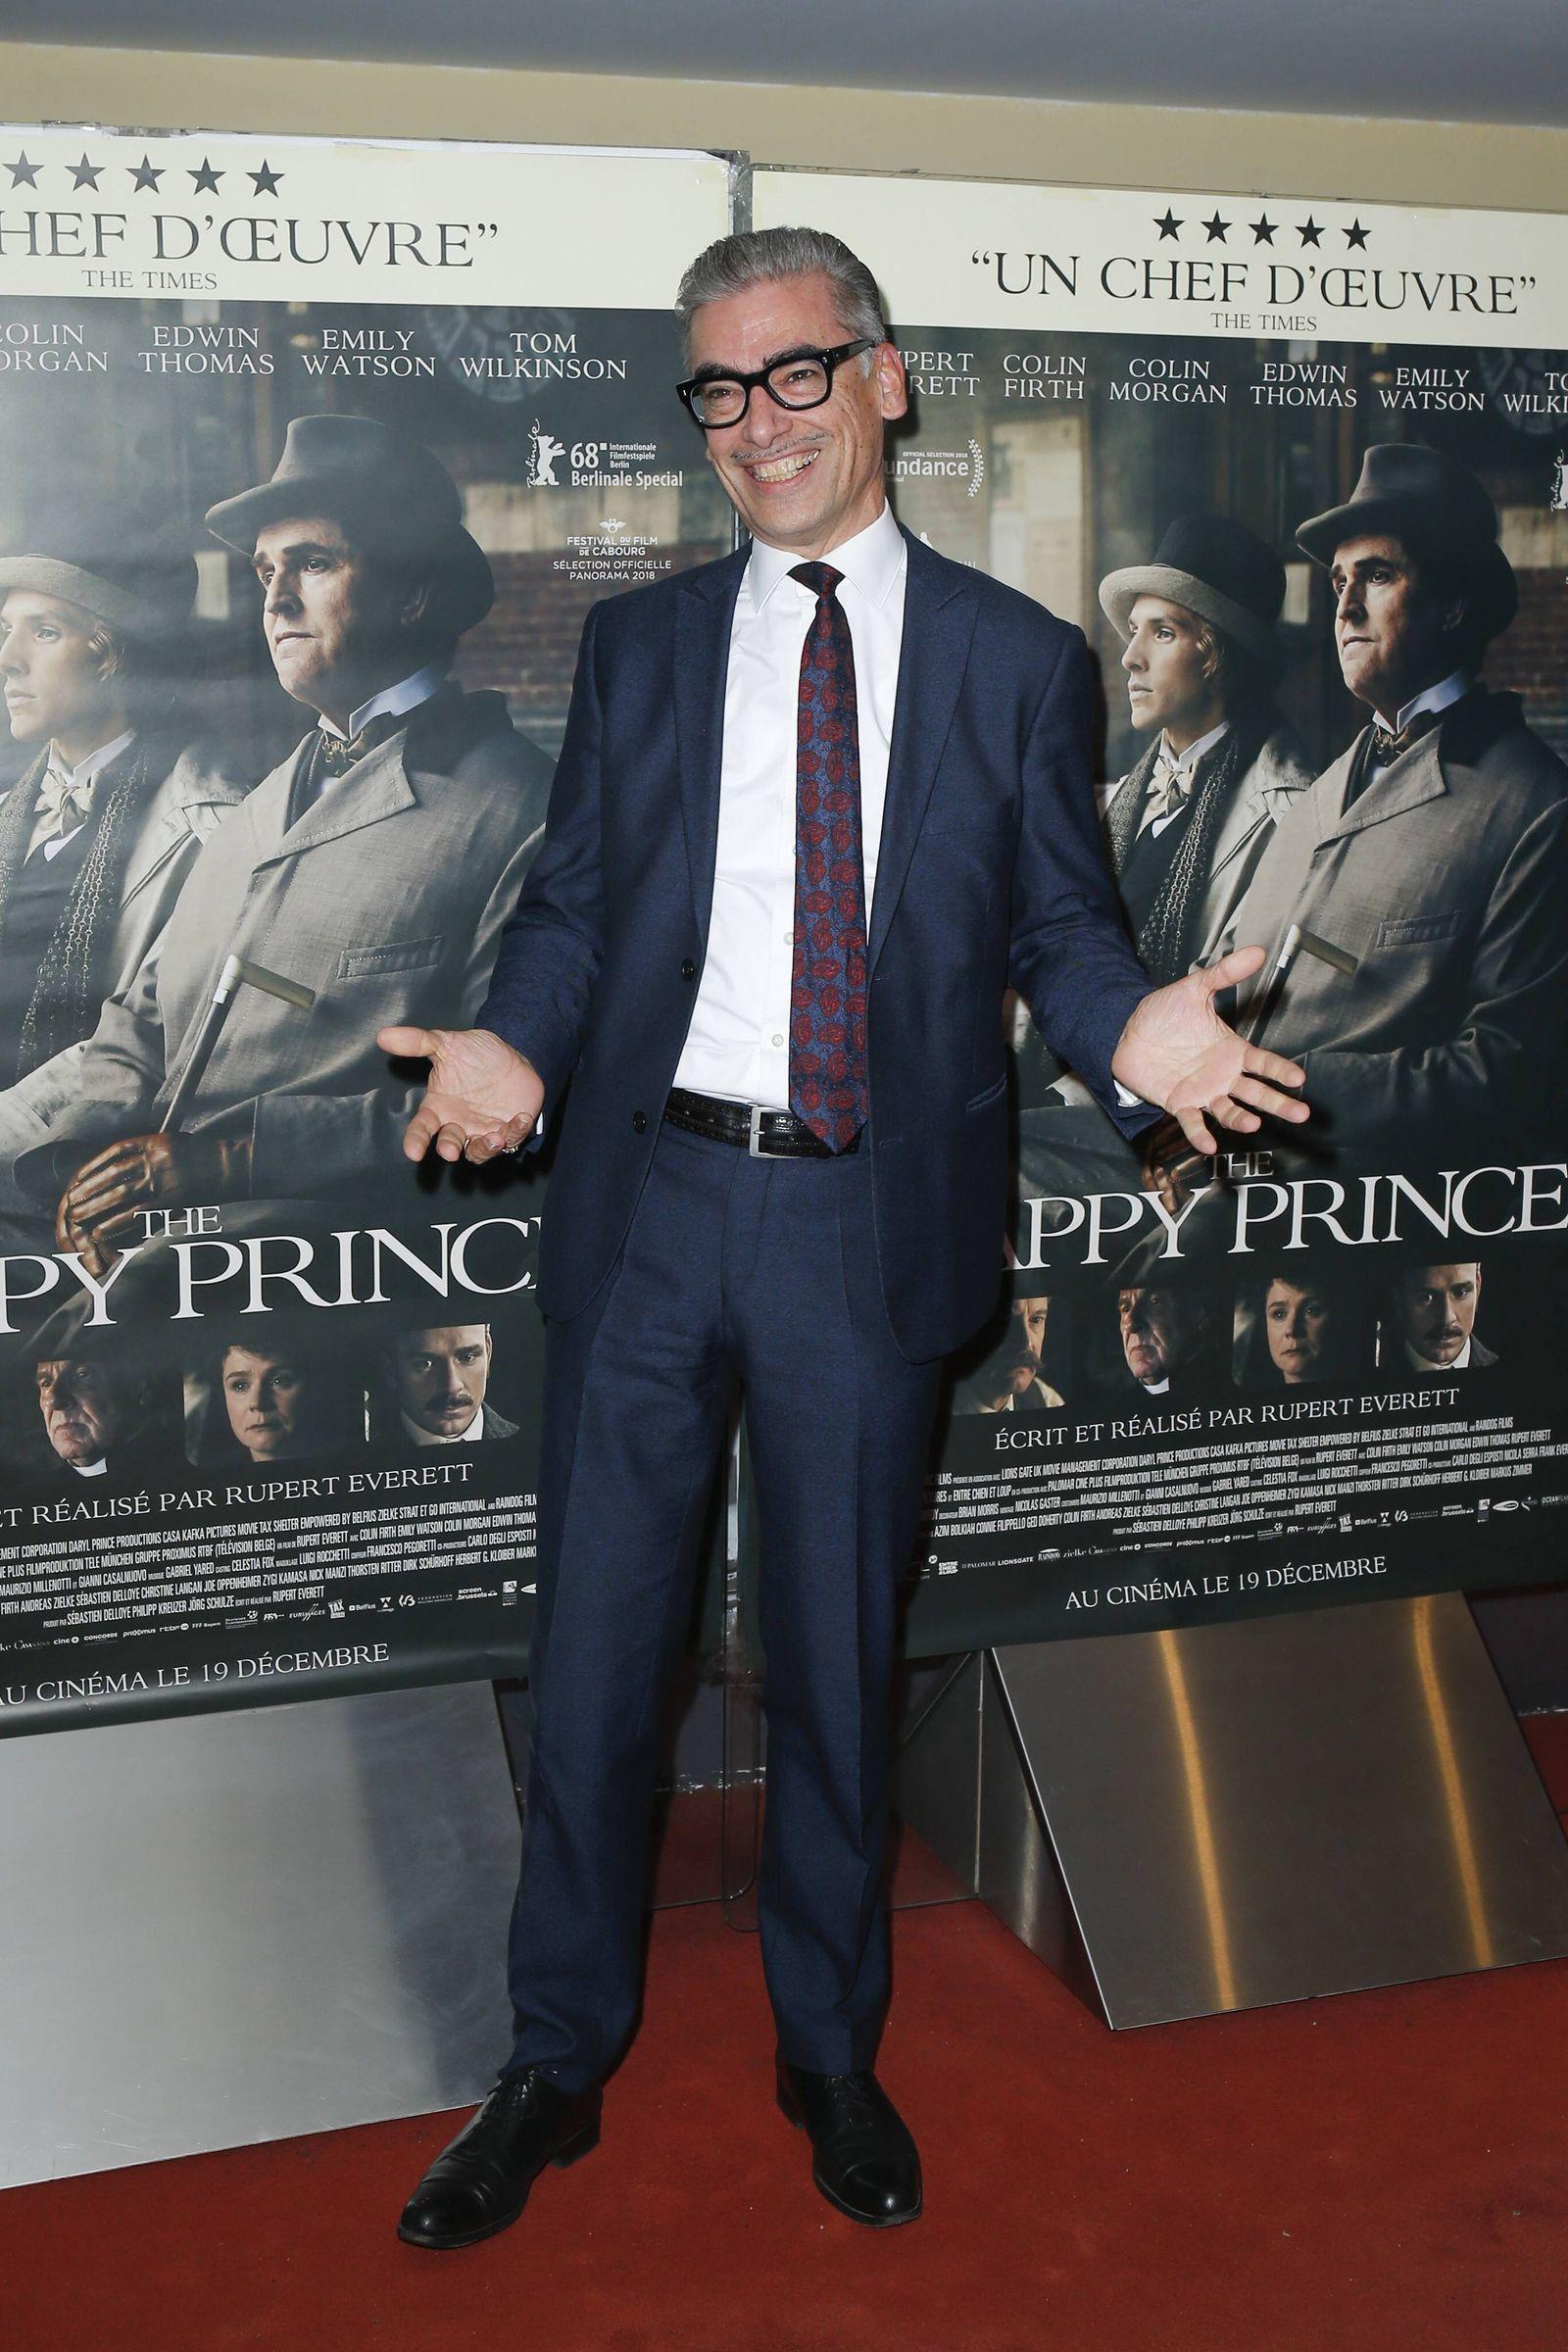 Andreas Zielke CELEBRITES Avant premiere du film THE HAPPY PRINCE Paris 28 11 2018 stephenCai